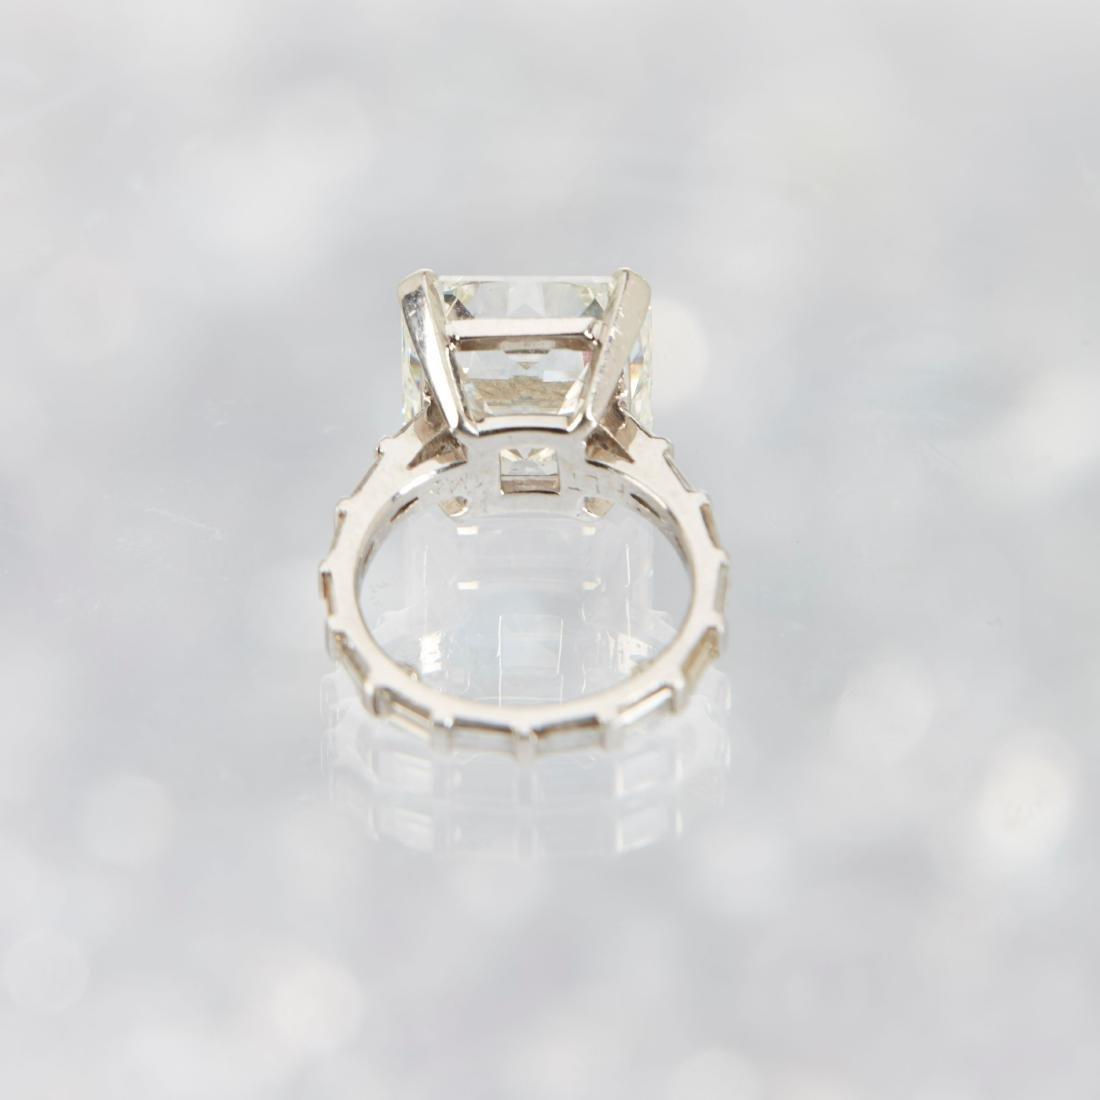 An 11-Carat Platinum Diamond Ring - 5